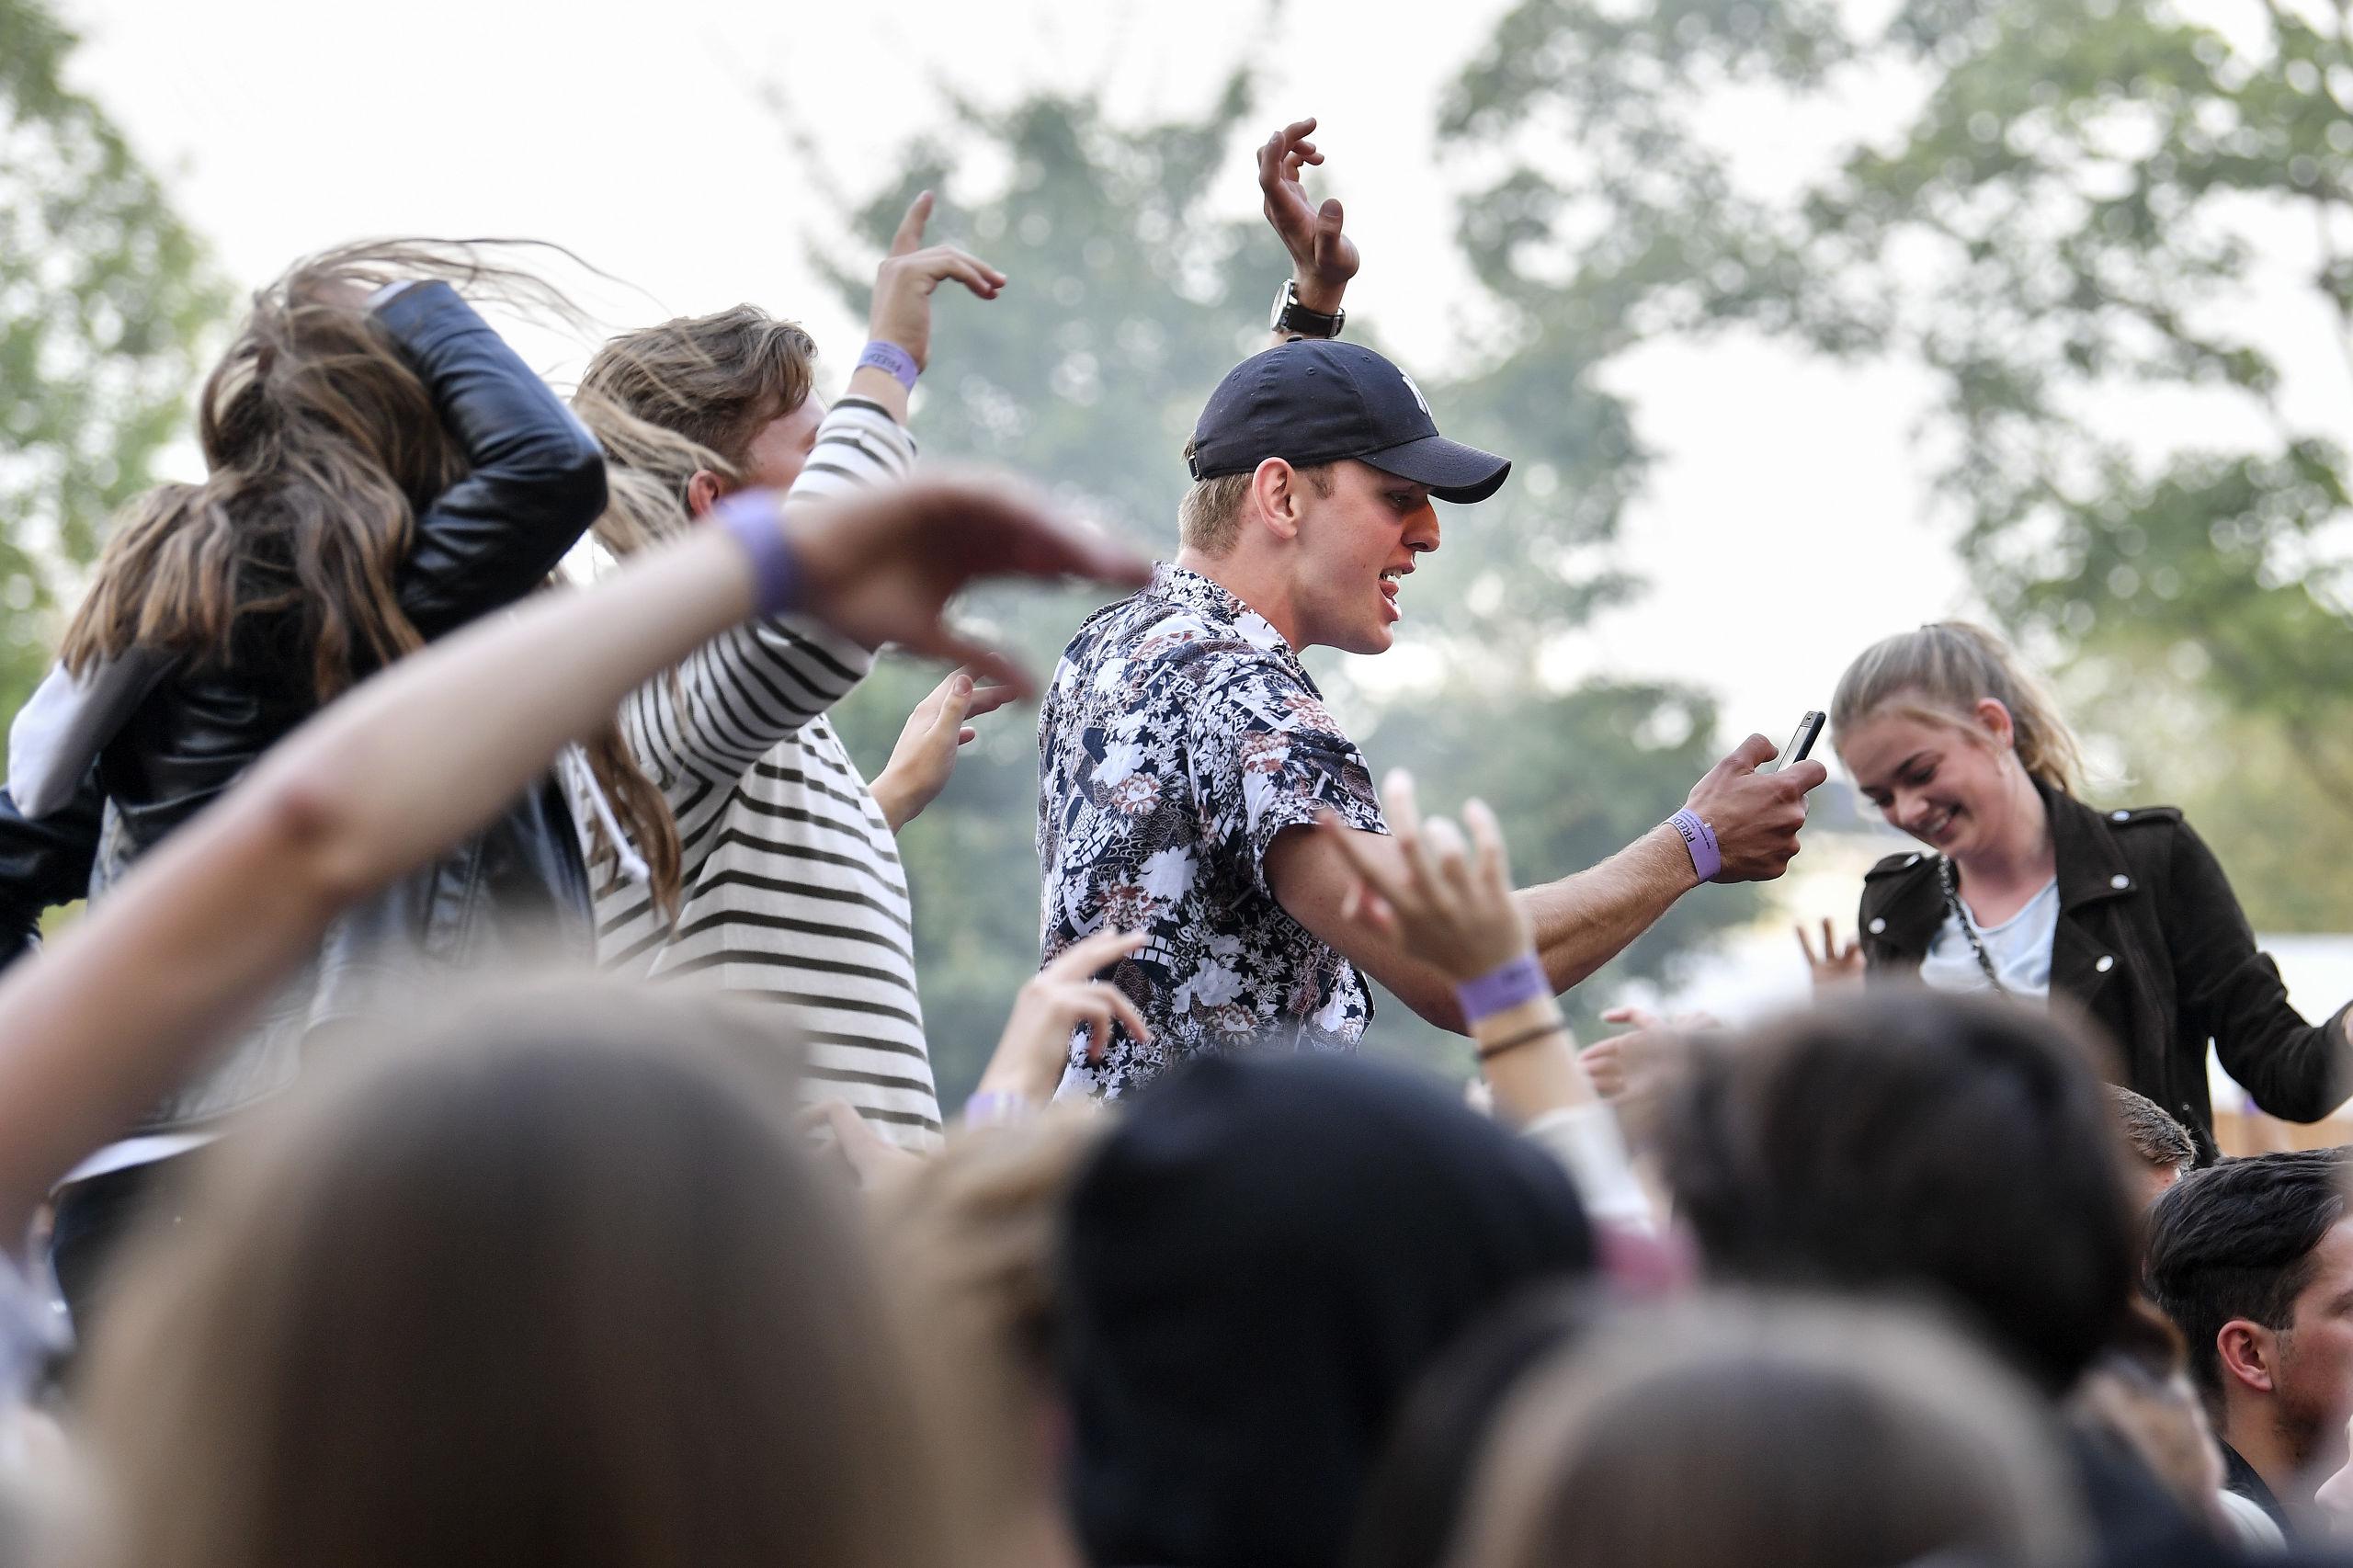 Fredagsfest i Karolinelund satte publikumsrekord i 2018, nu er det første navn klar til sommerens koncertrække. Arkivfoto: Claus Søndberg